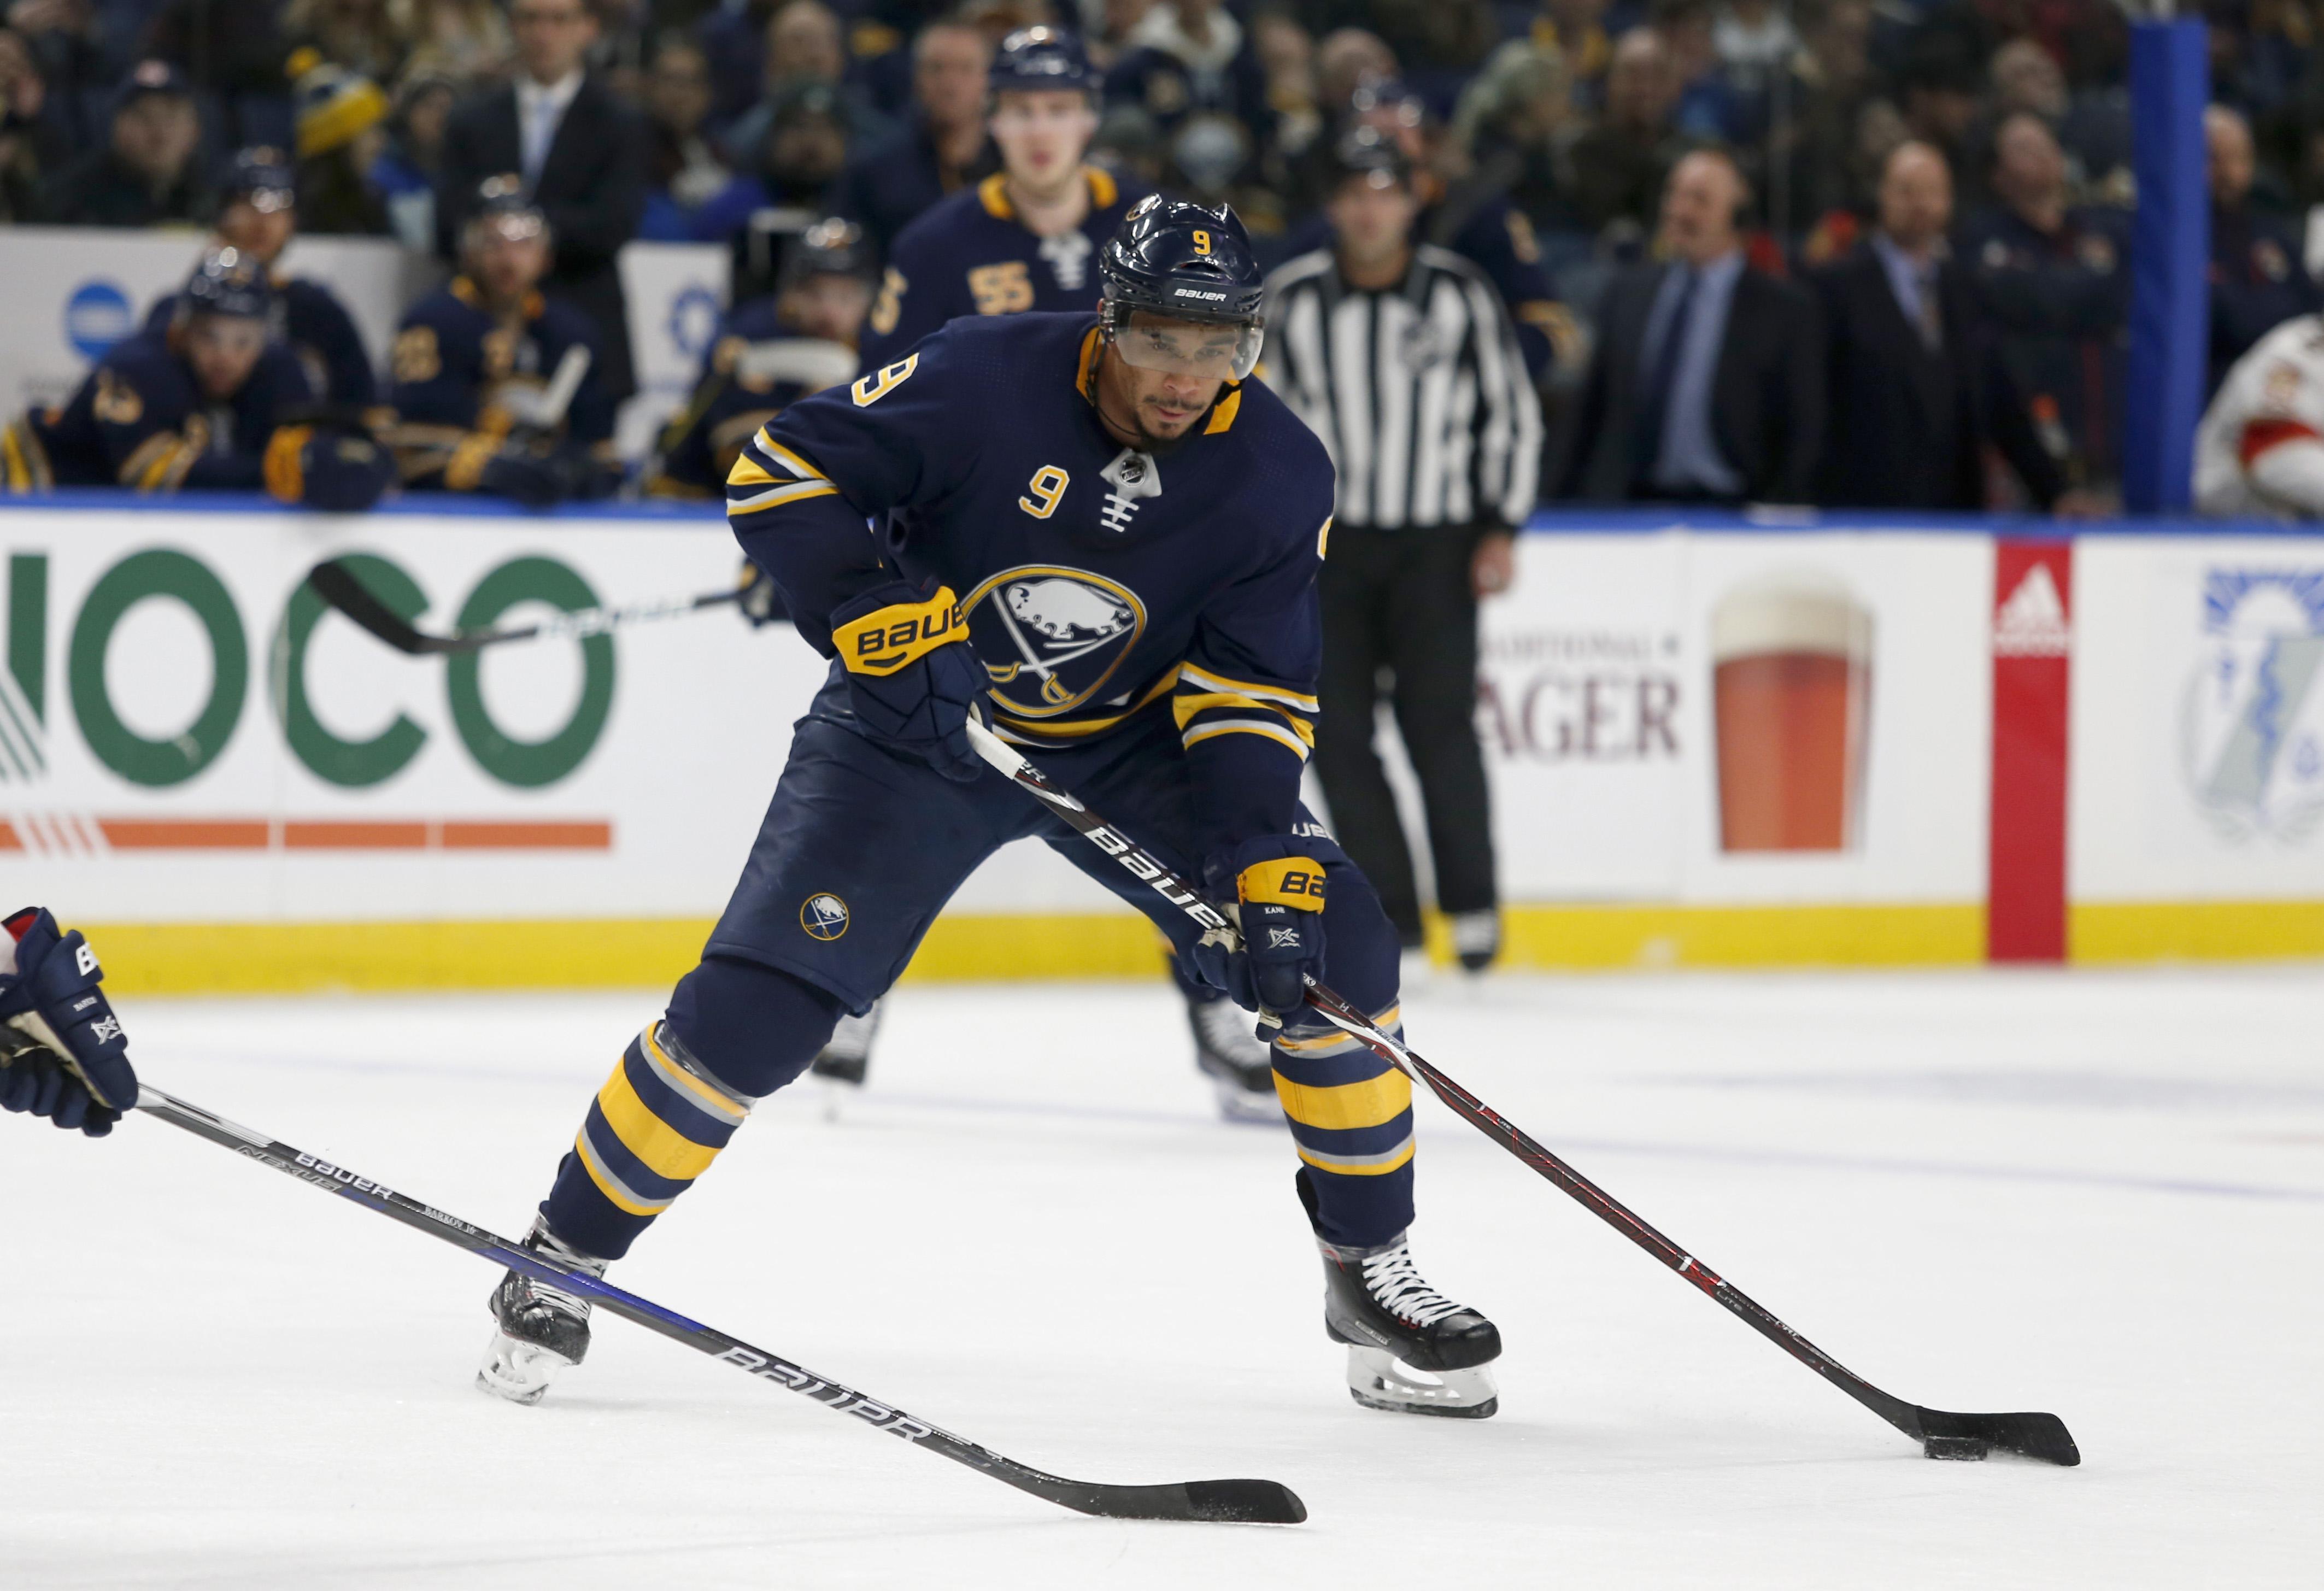 NHL: Florida Panthers at Buffalo Sabres